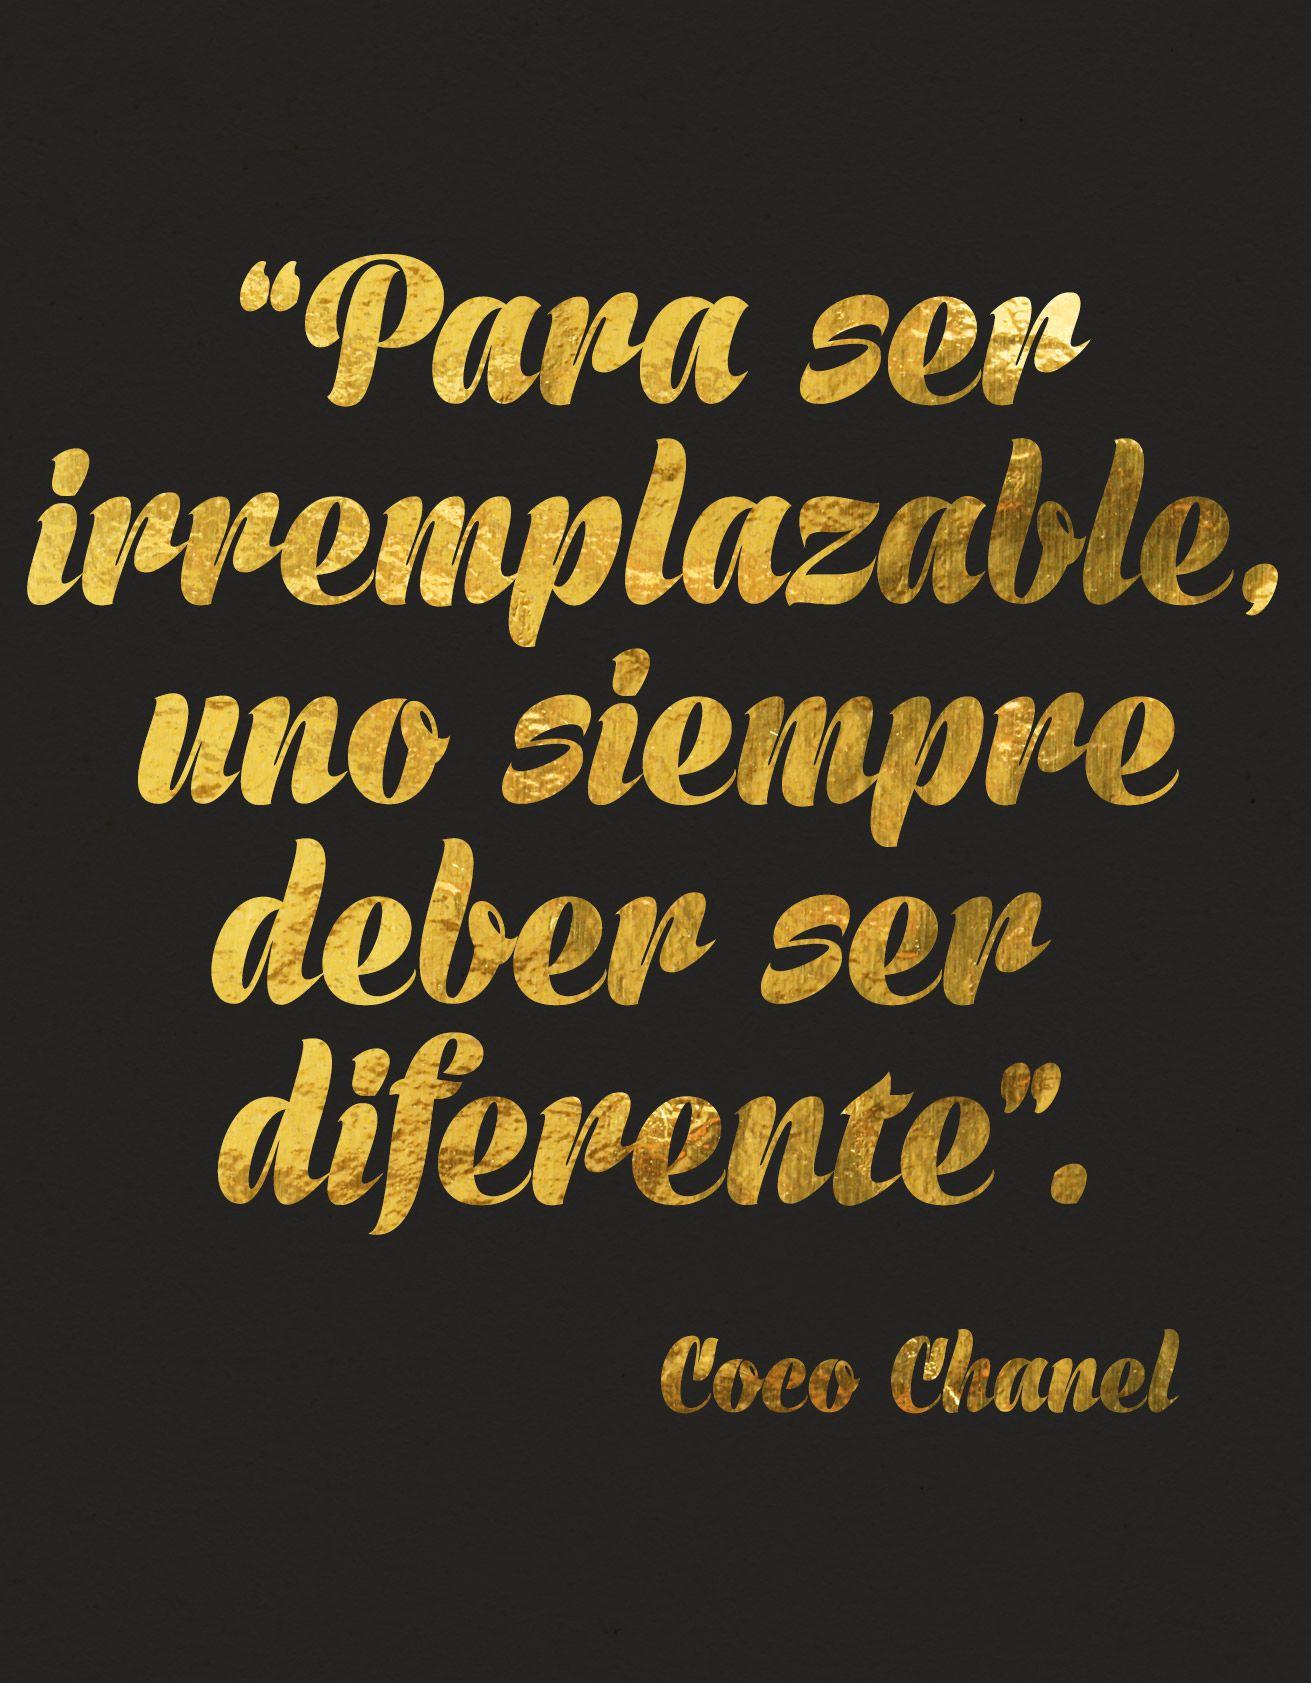 Coco Chanel Frases Bonitas Frases Y Frases Motivadoras